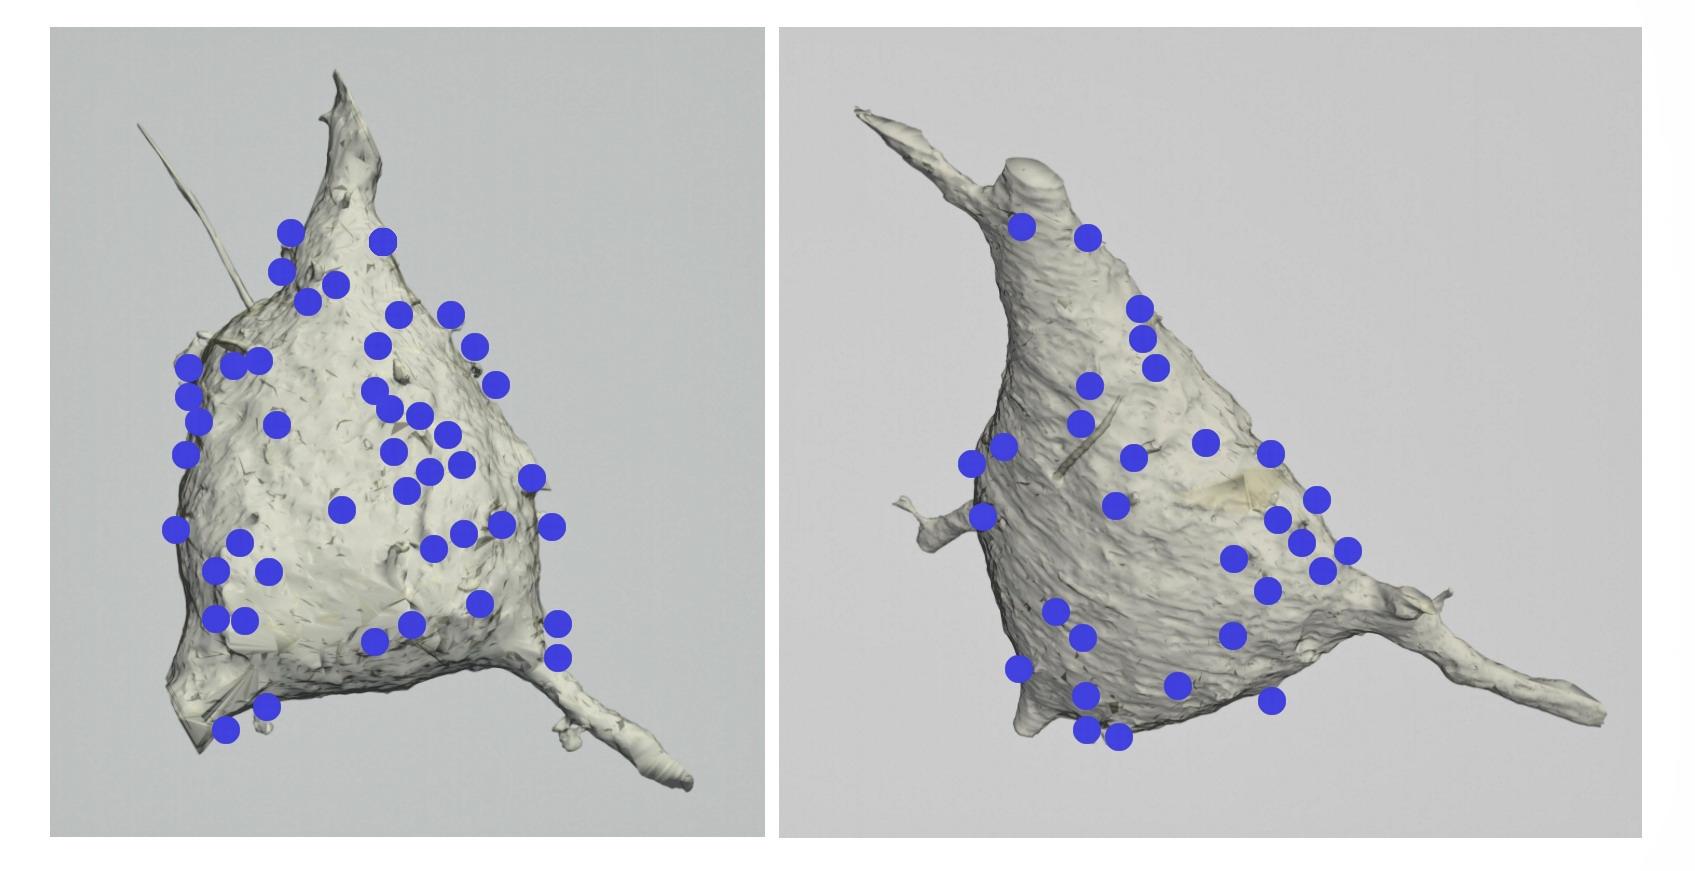 fig._1.3.16._.jpg